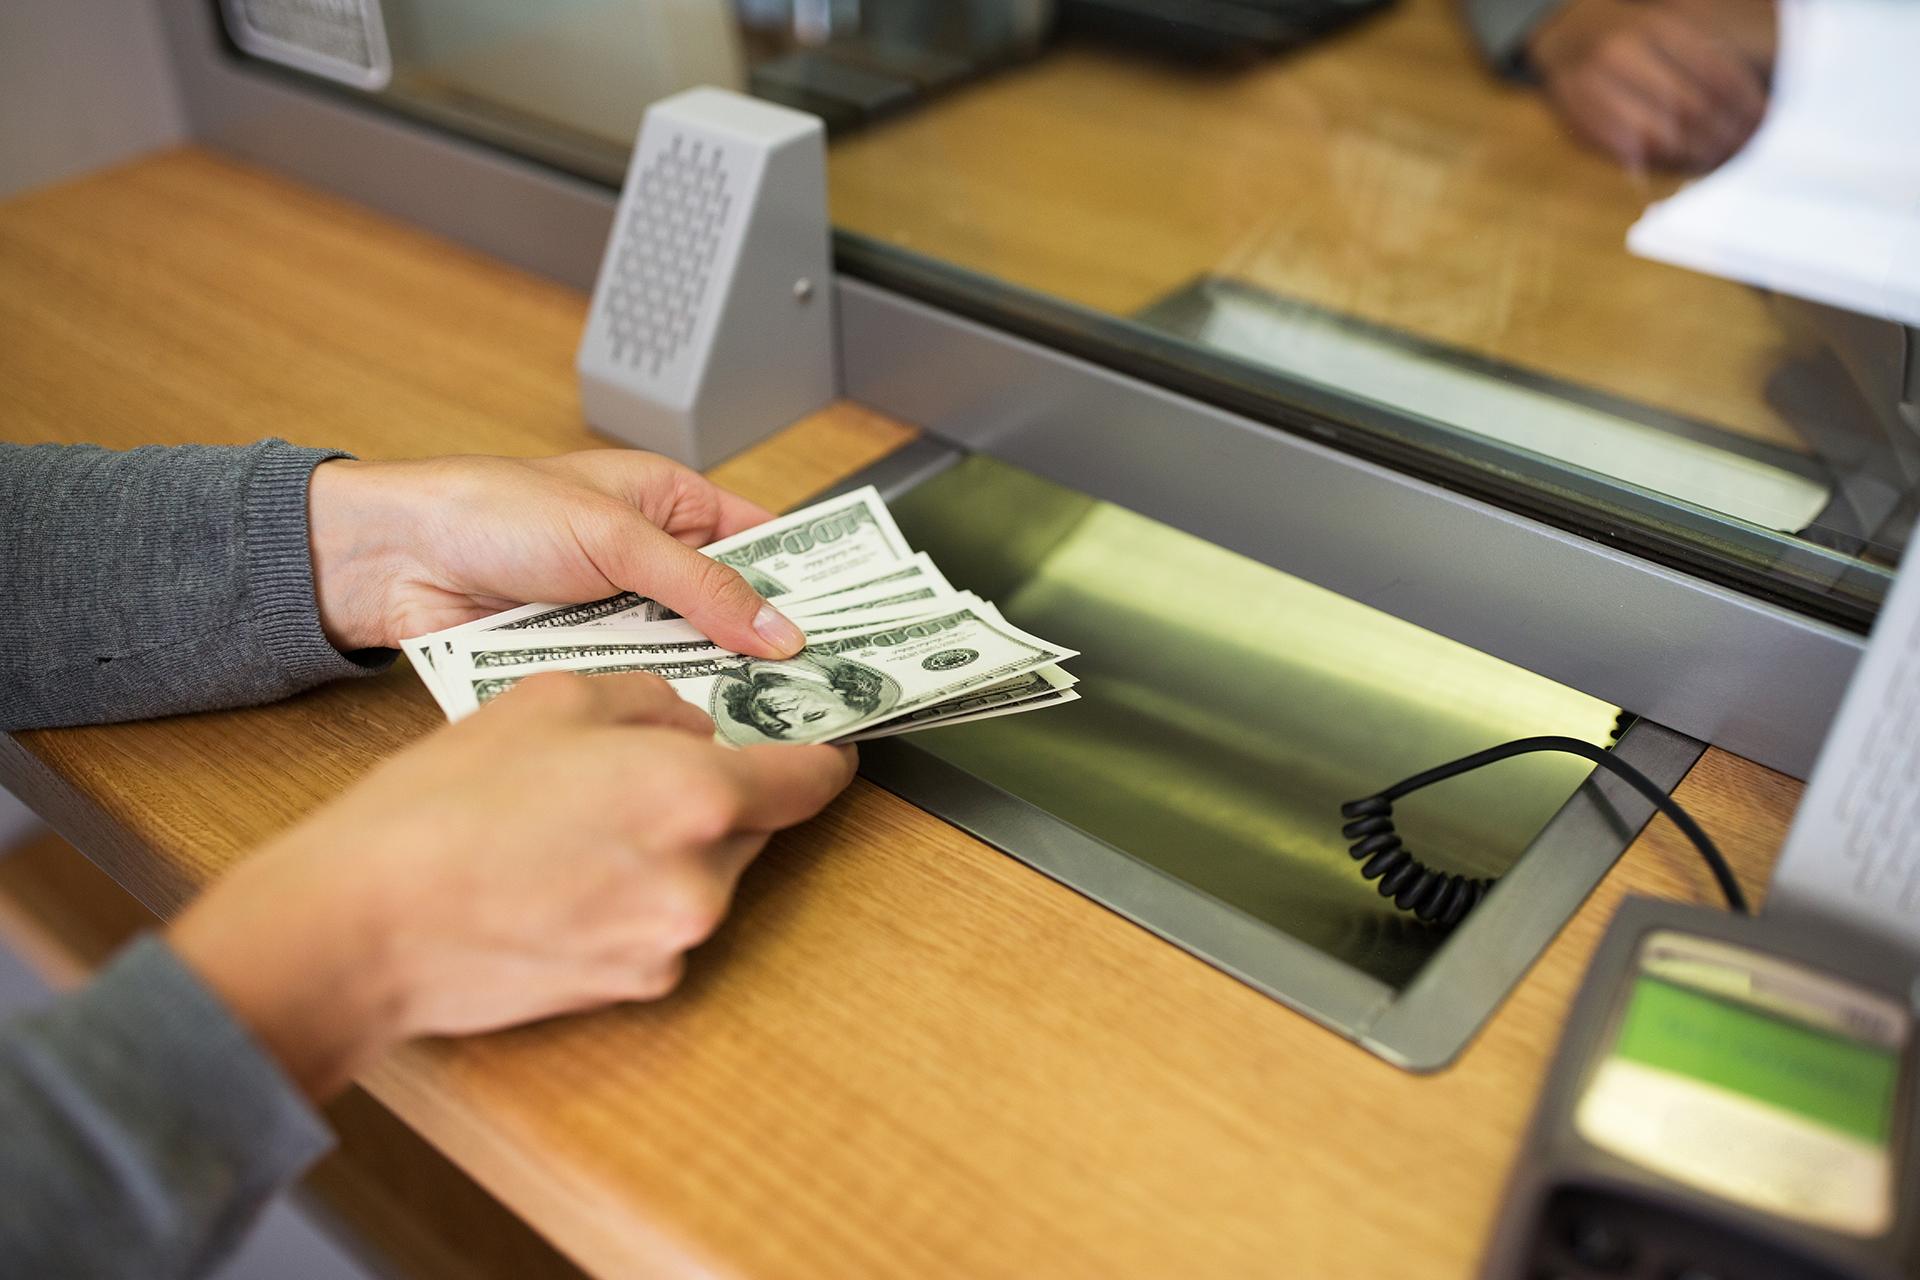 Una reforma que podrá endurecer el acceso al créditoUna reforma que podrá endurecer el acceso al crédito